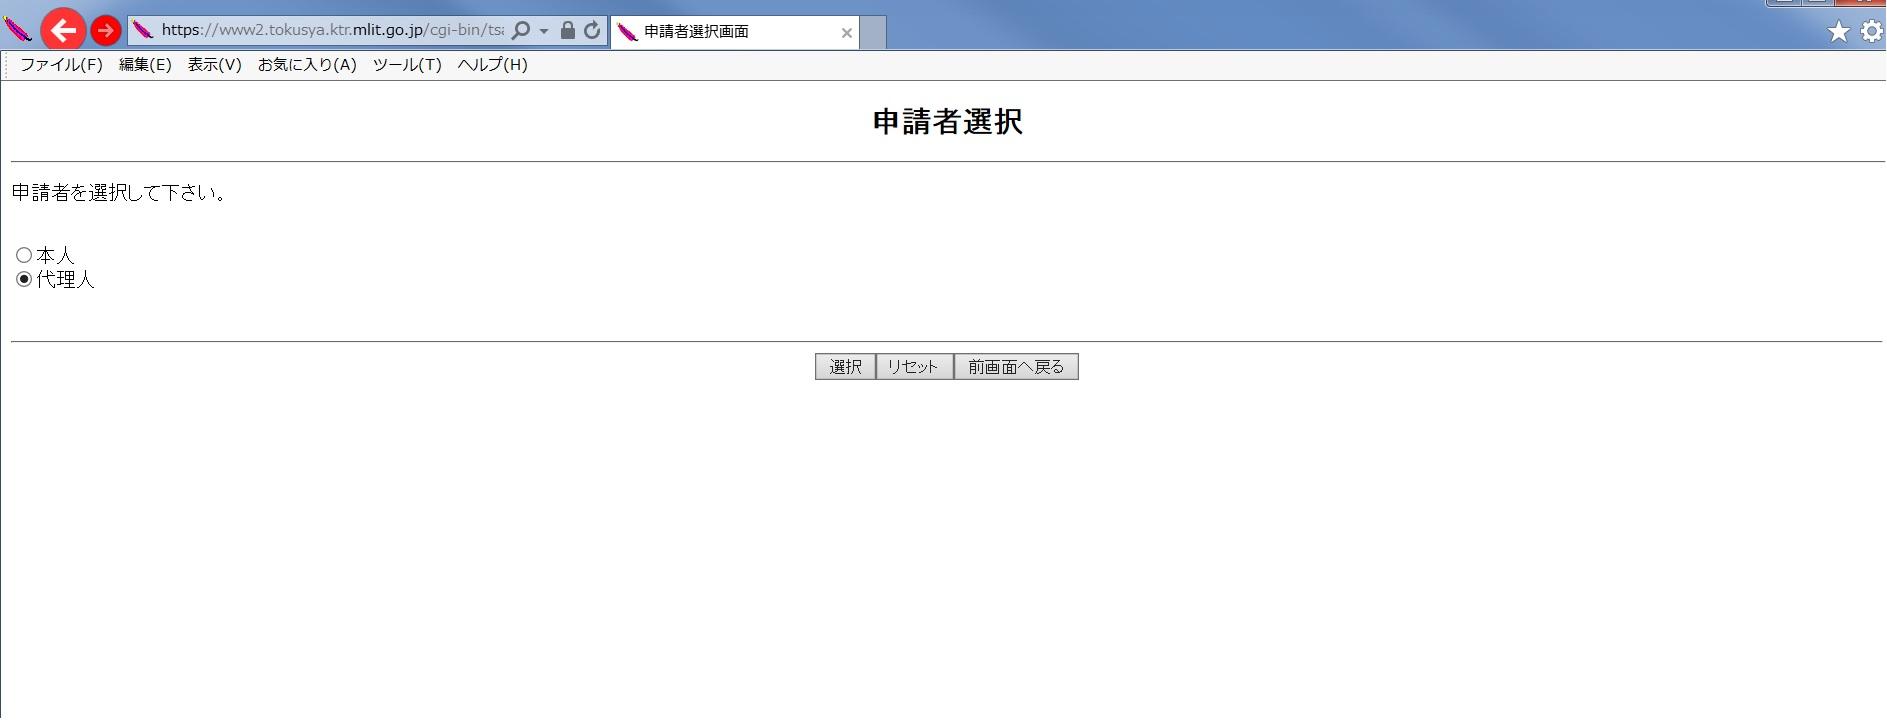 申請者選択画面